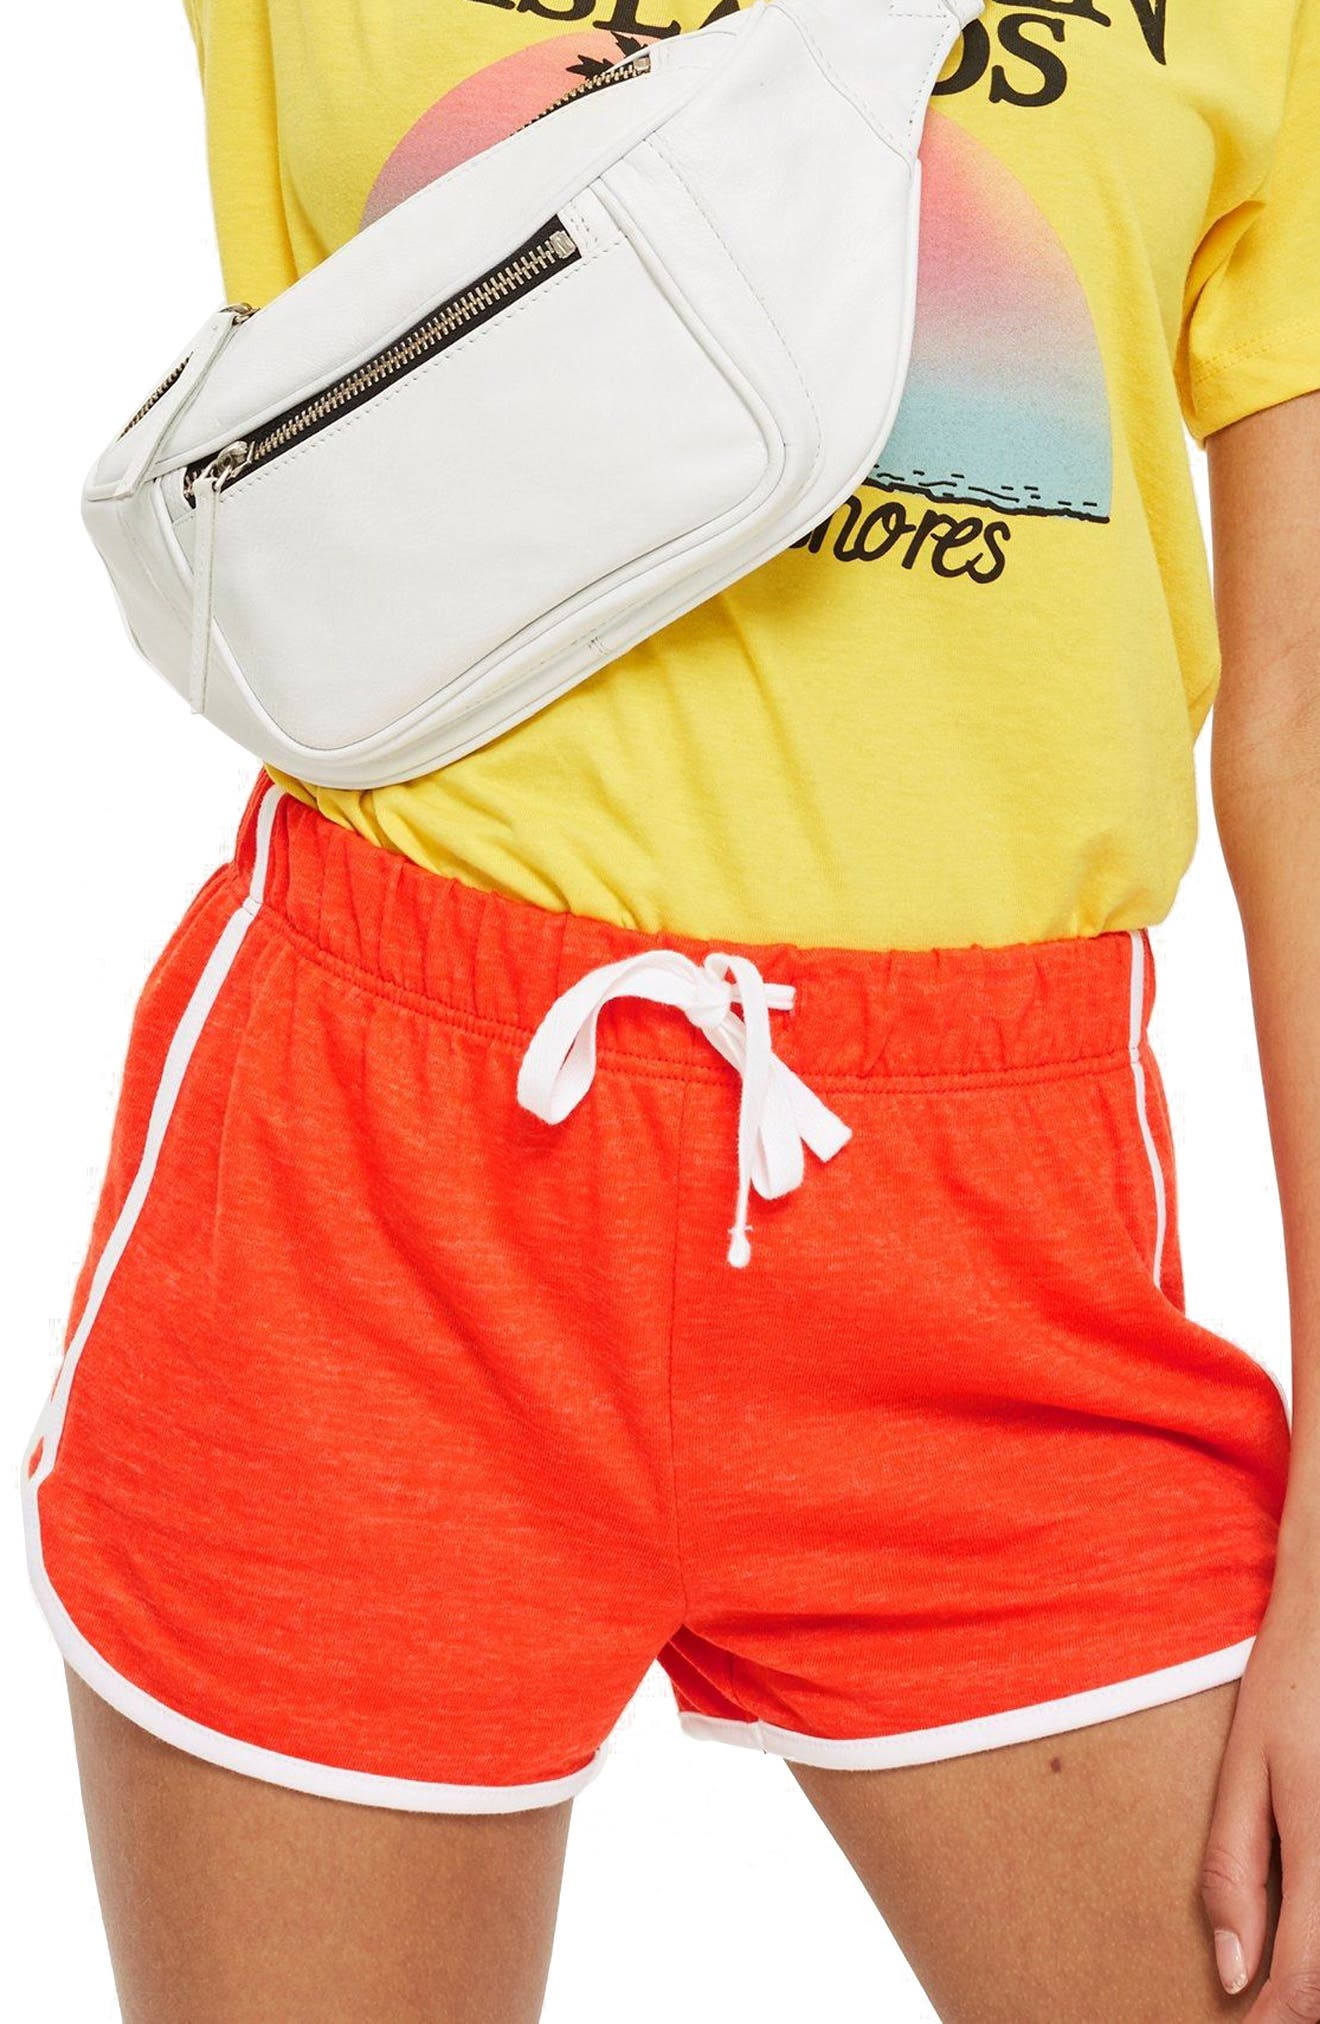 Nep Runner Shorts,                             Main thumbnail 1, color,                             600